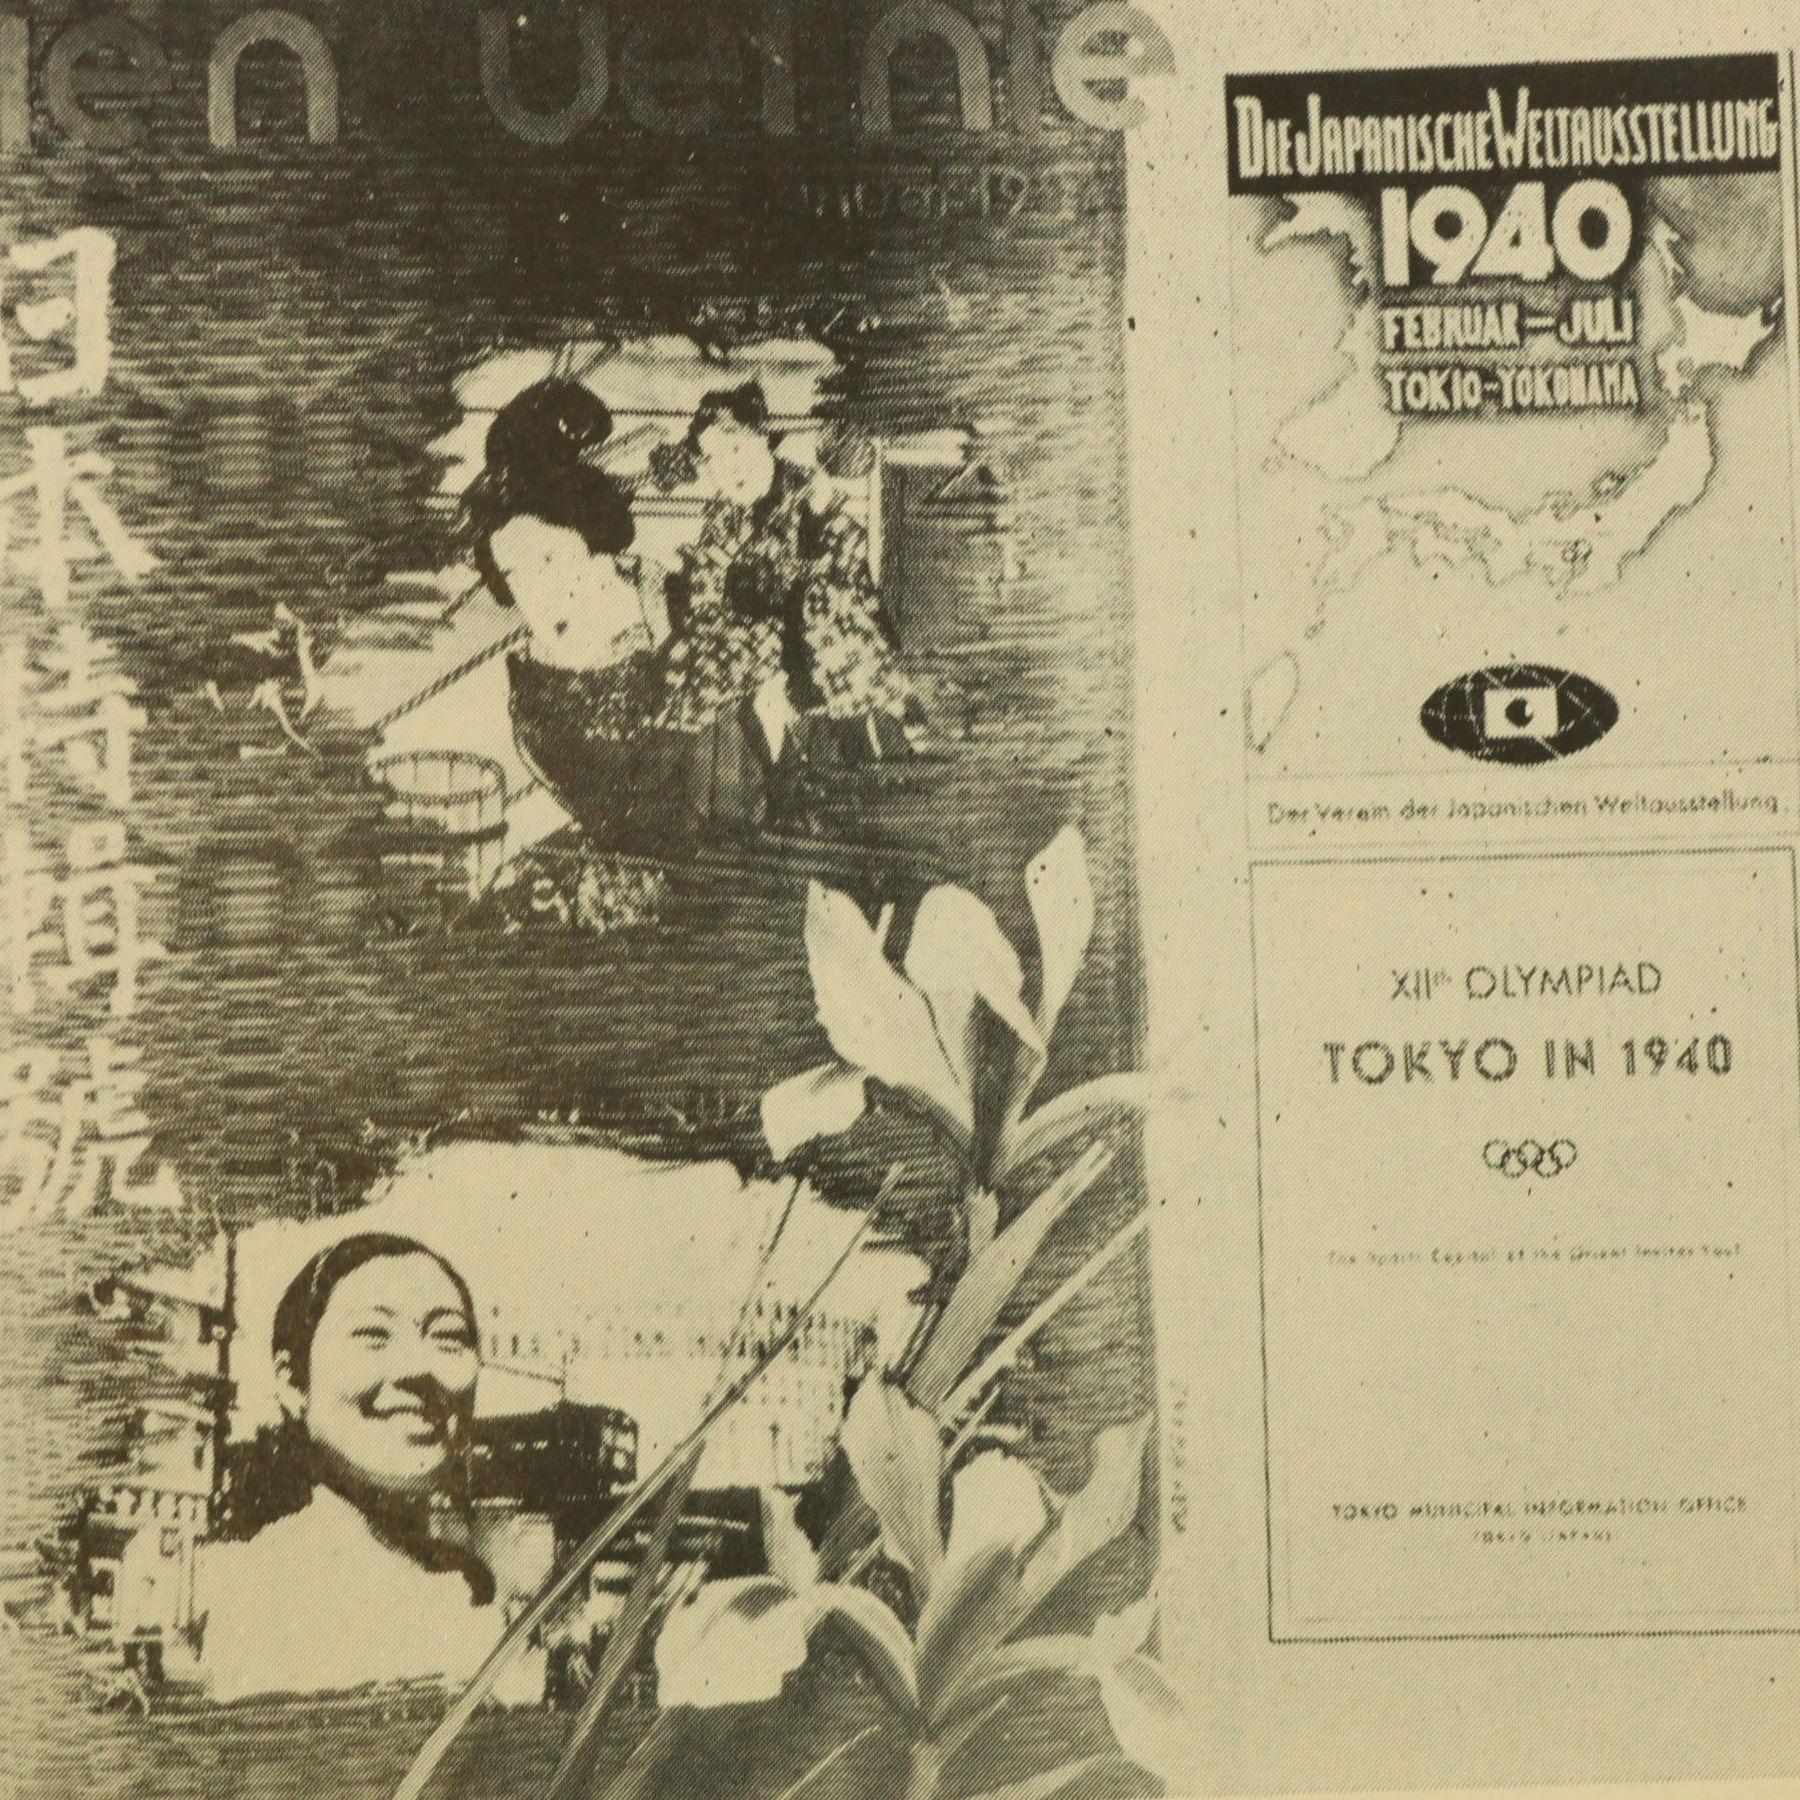 イタリアのエチオピア侵攻への日本の支持が、幻となった1940年東京オリンピック招致への決定打となった!<br />